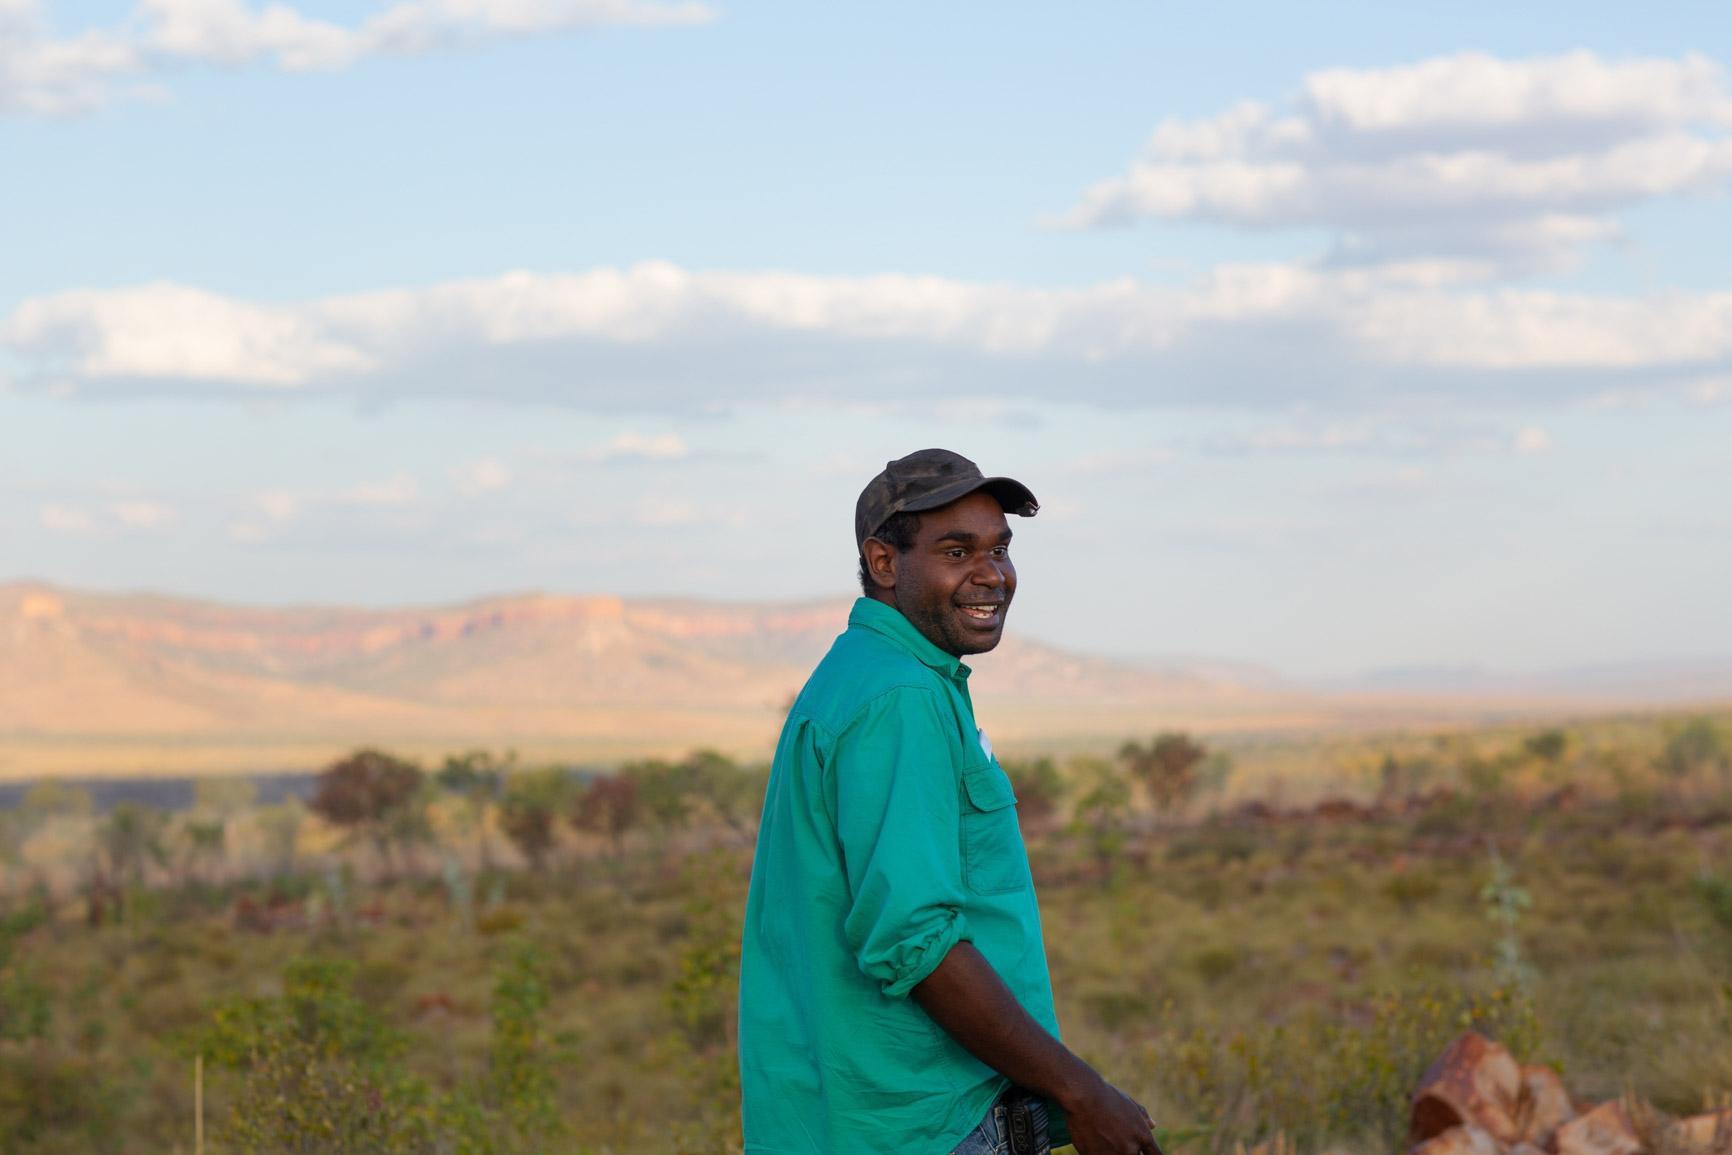 Aboriginal man wearing cap on Western Australian Landscape